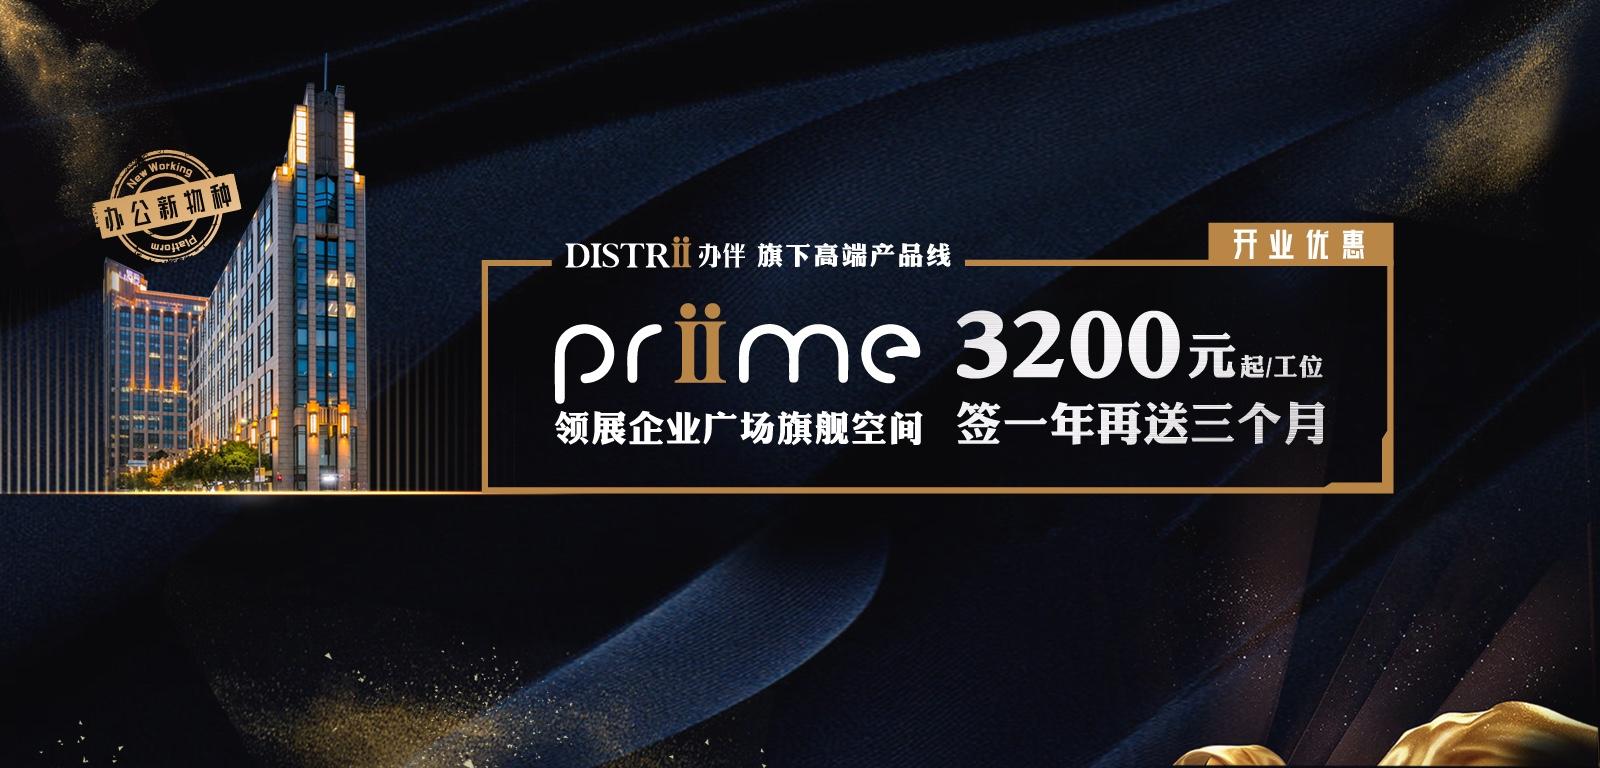 Distrii办伴-上海写字楼租赁